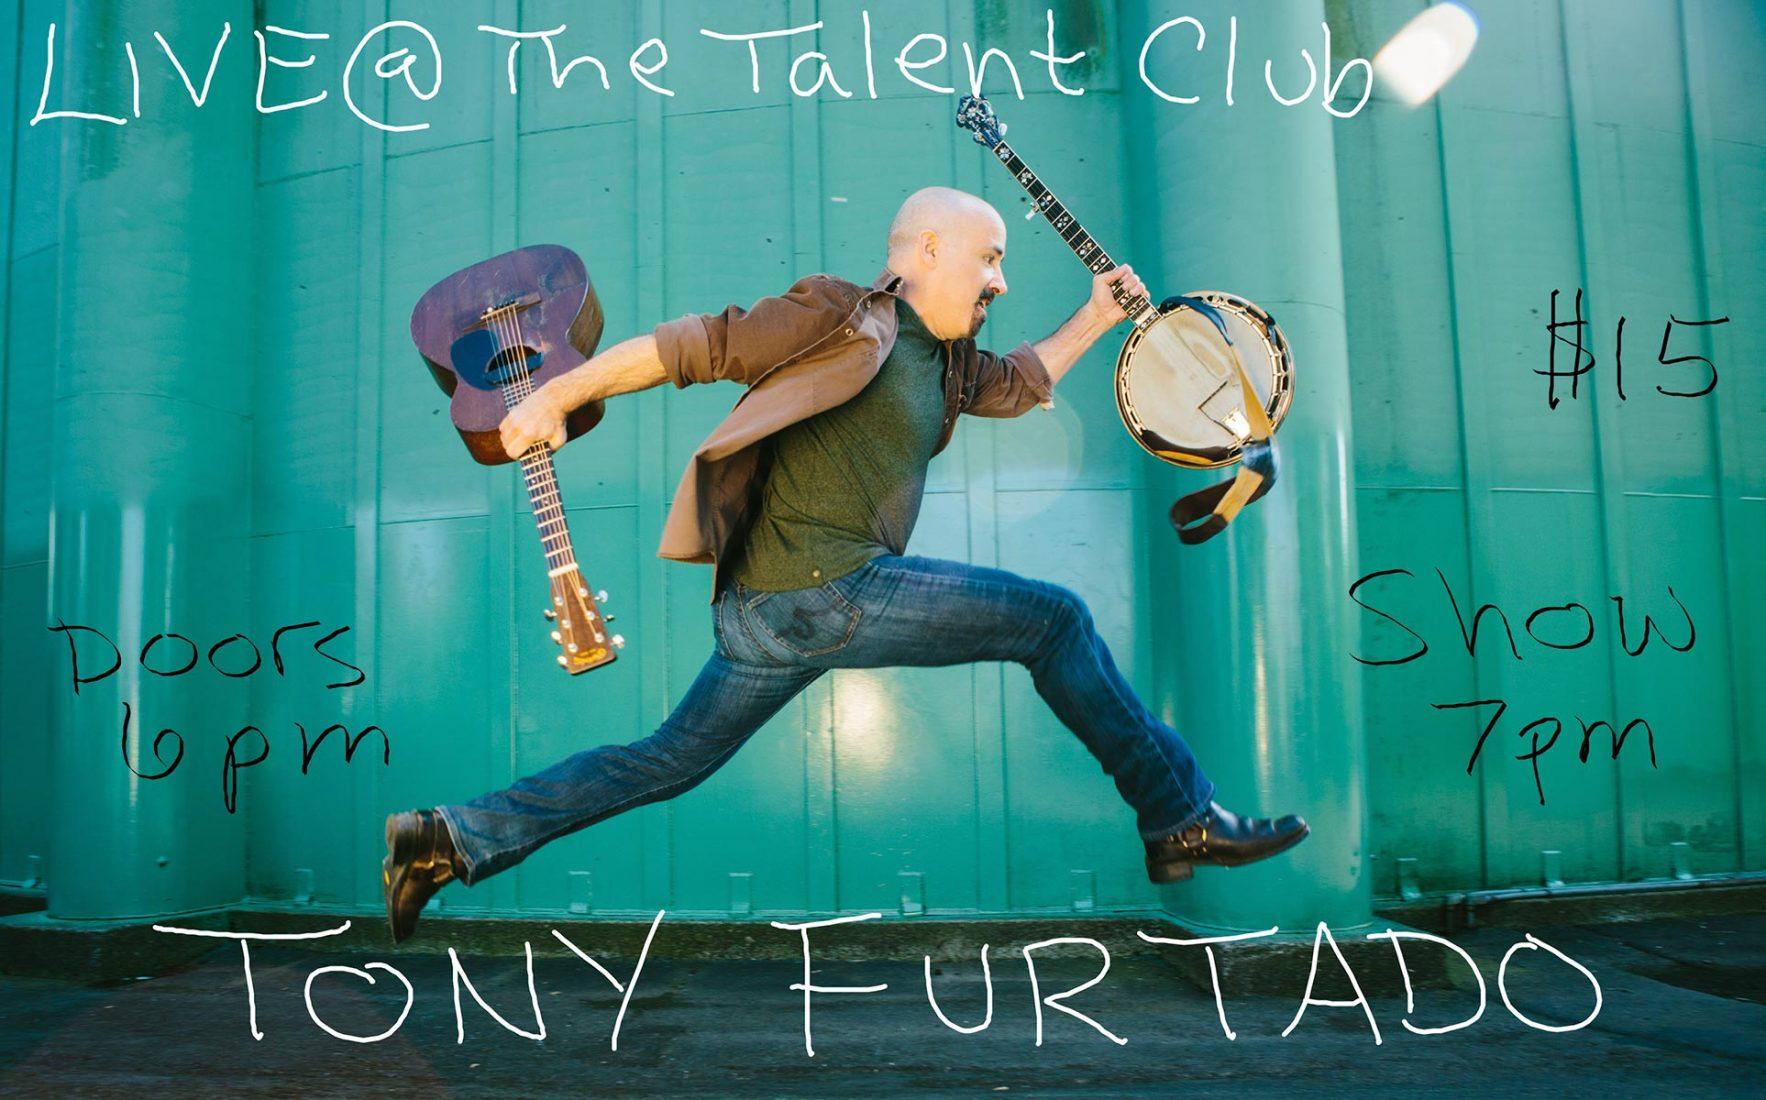 Tony furtado plays live at the Talent Club 3-17-2019